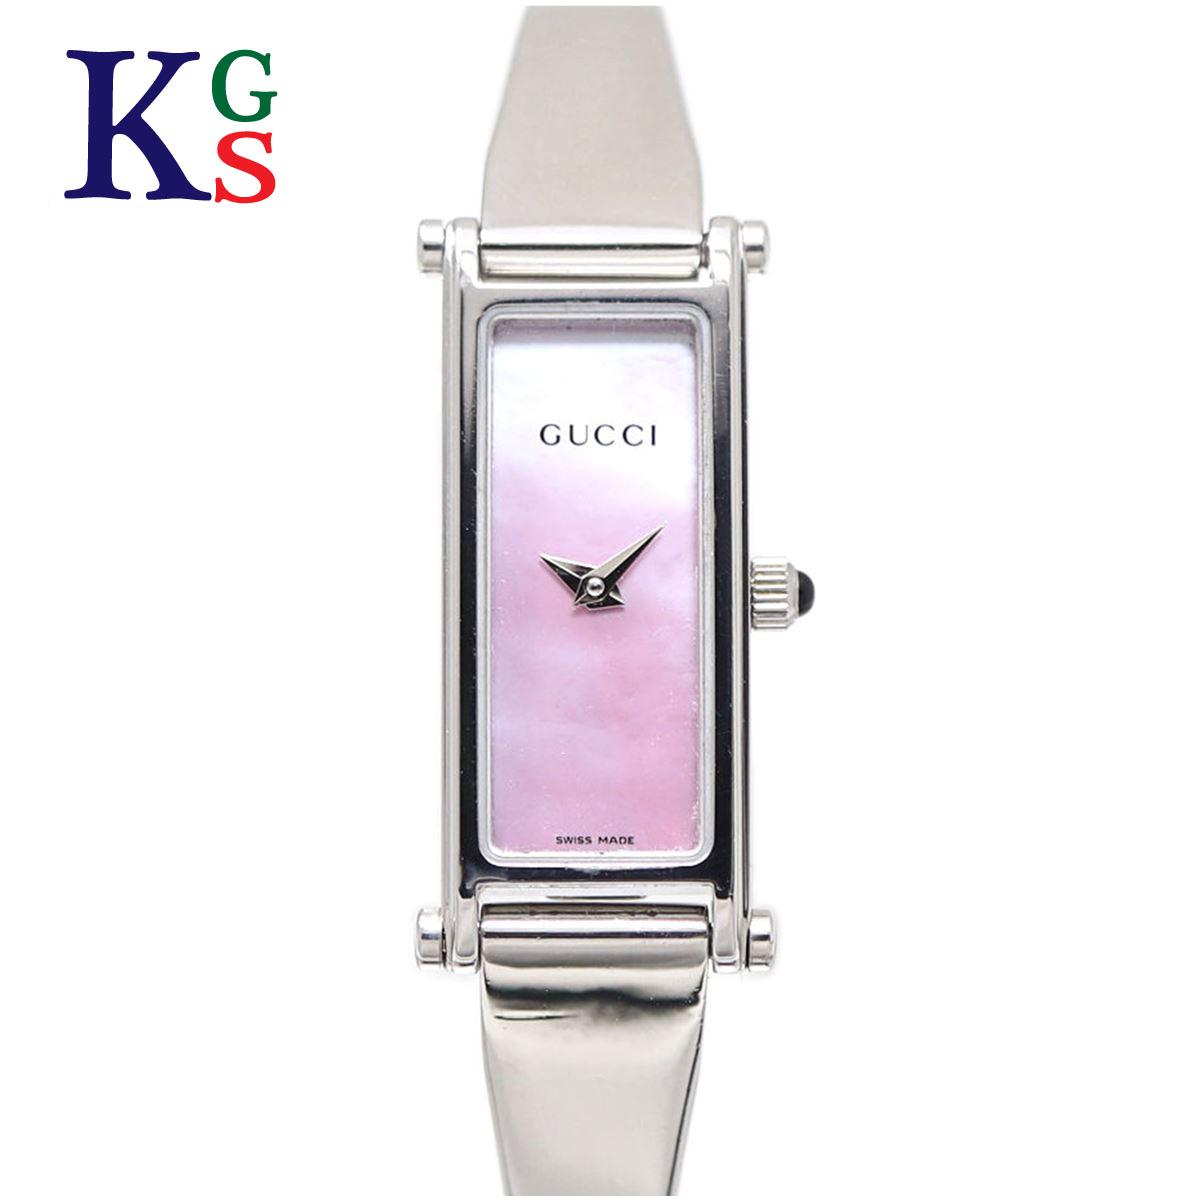 【ギフト品質】グッチ/GUCCI レディース 腕時計 バングルウォッチ シルバー×シルバー文字盤 ステンレススチール 1500L